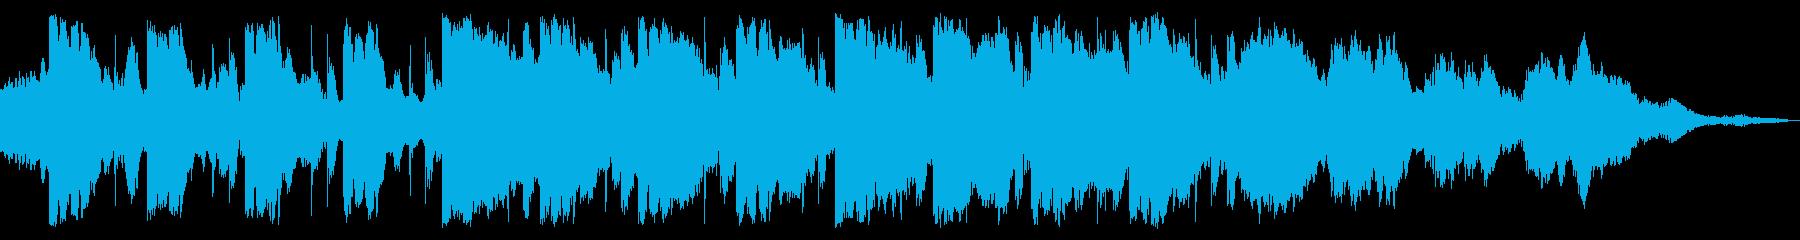 新世紀実験 アンビエントミュージッ...の再生済みの波形